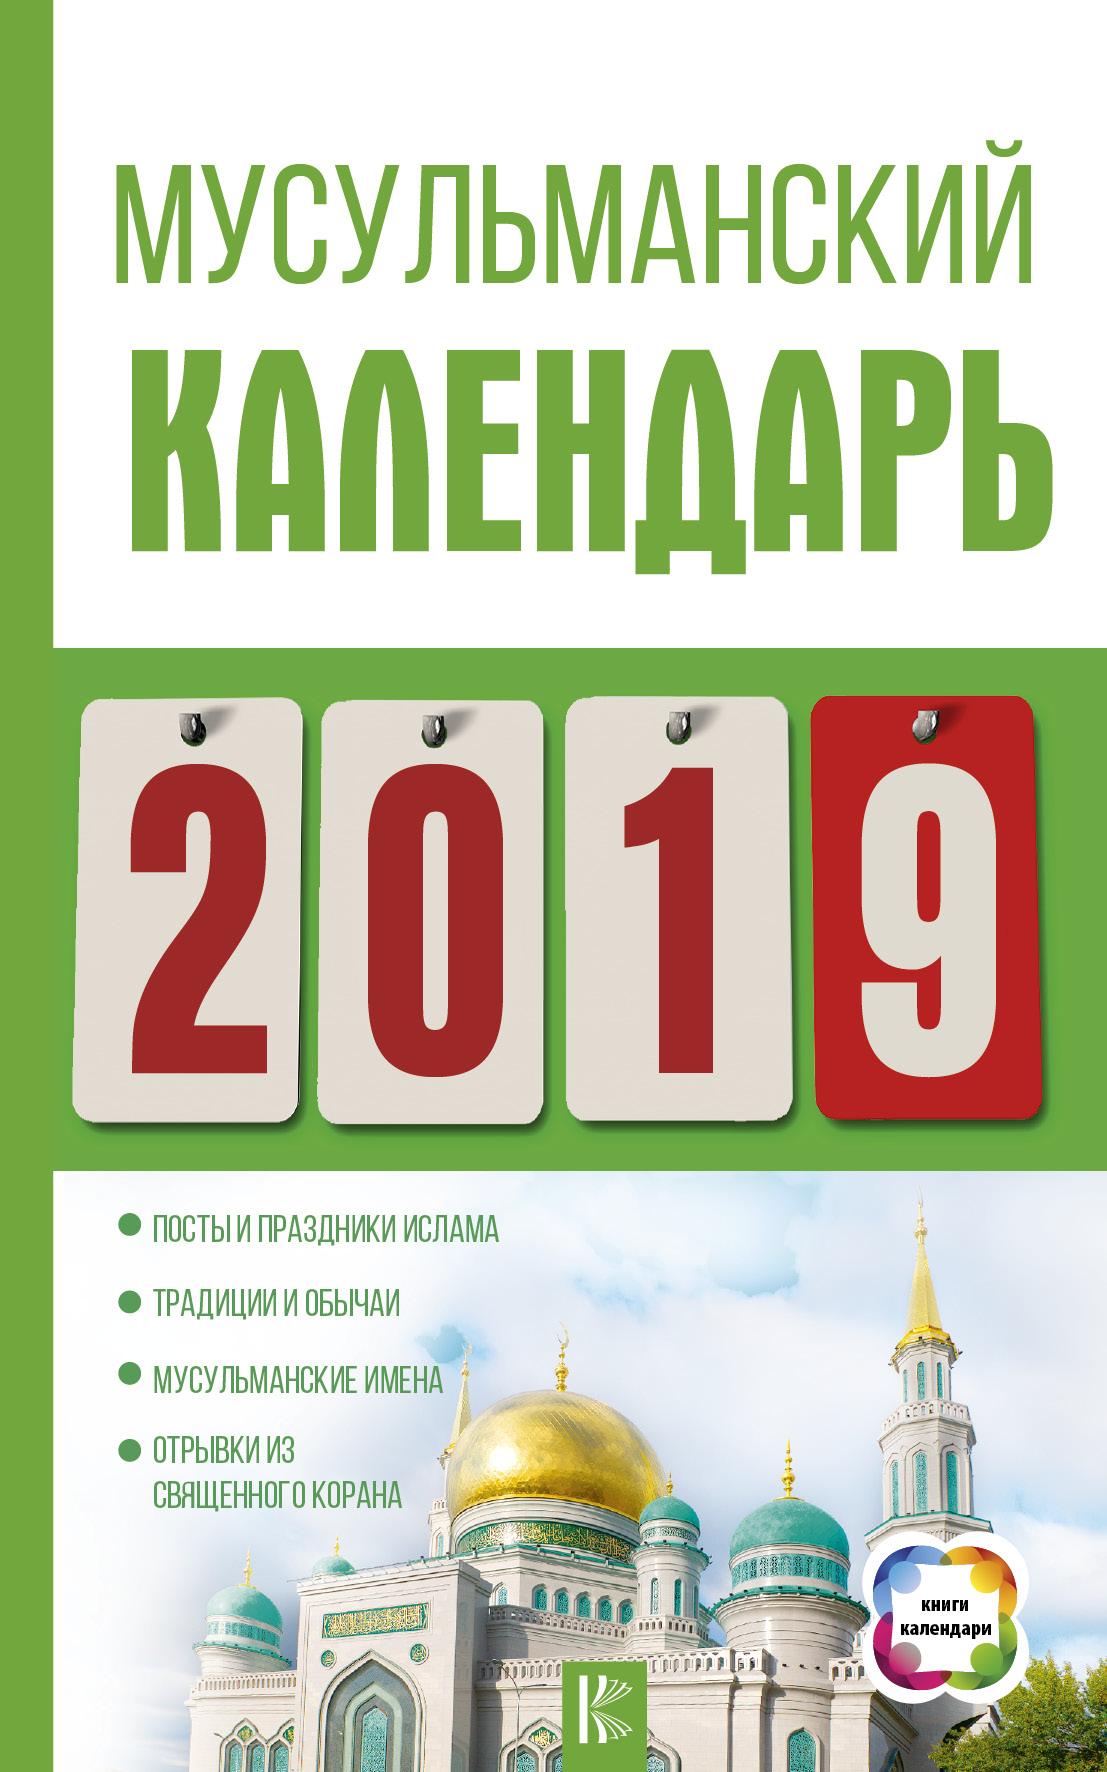 Хорсанд Д.В. Мусульманский календарь на 2019 год марина куропаткина календарь имен на каждый день